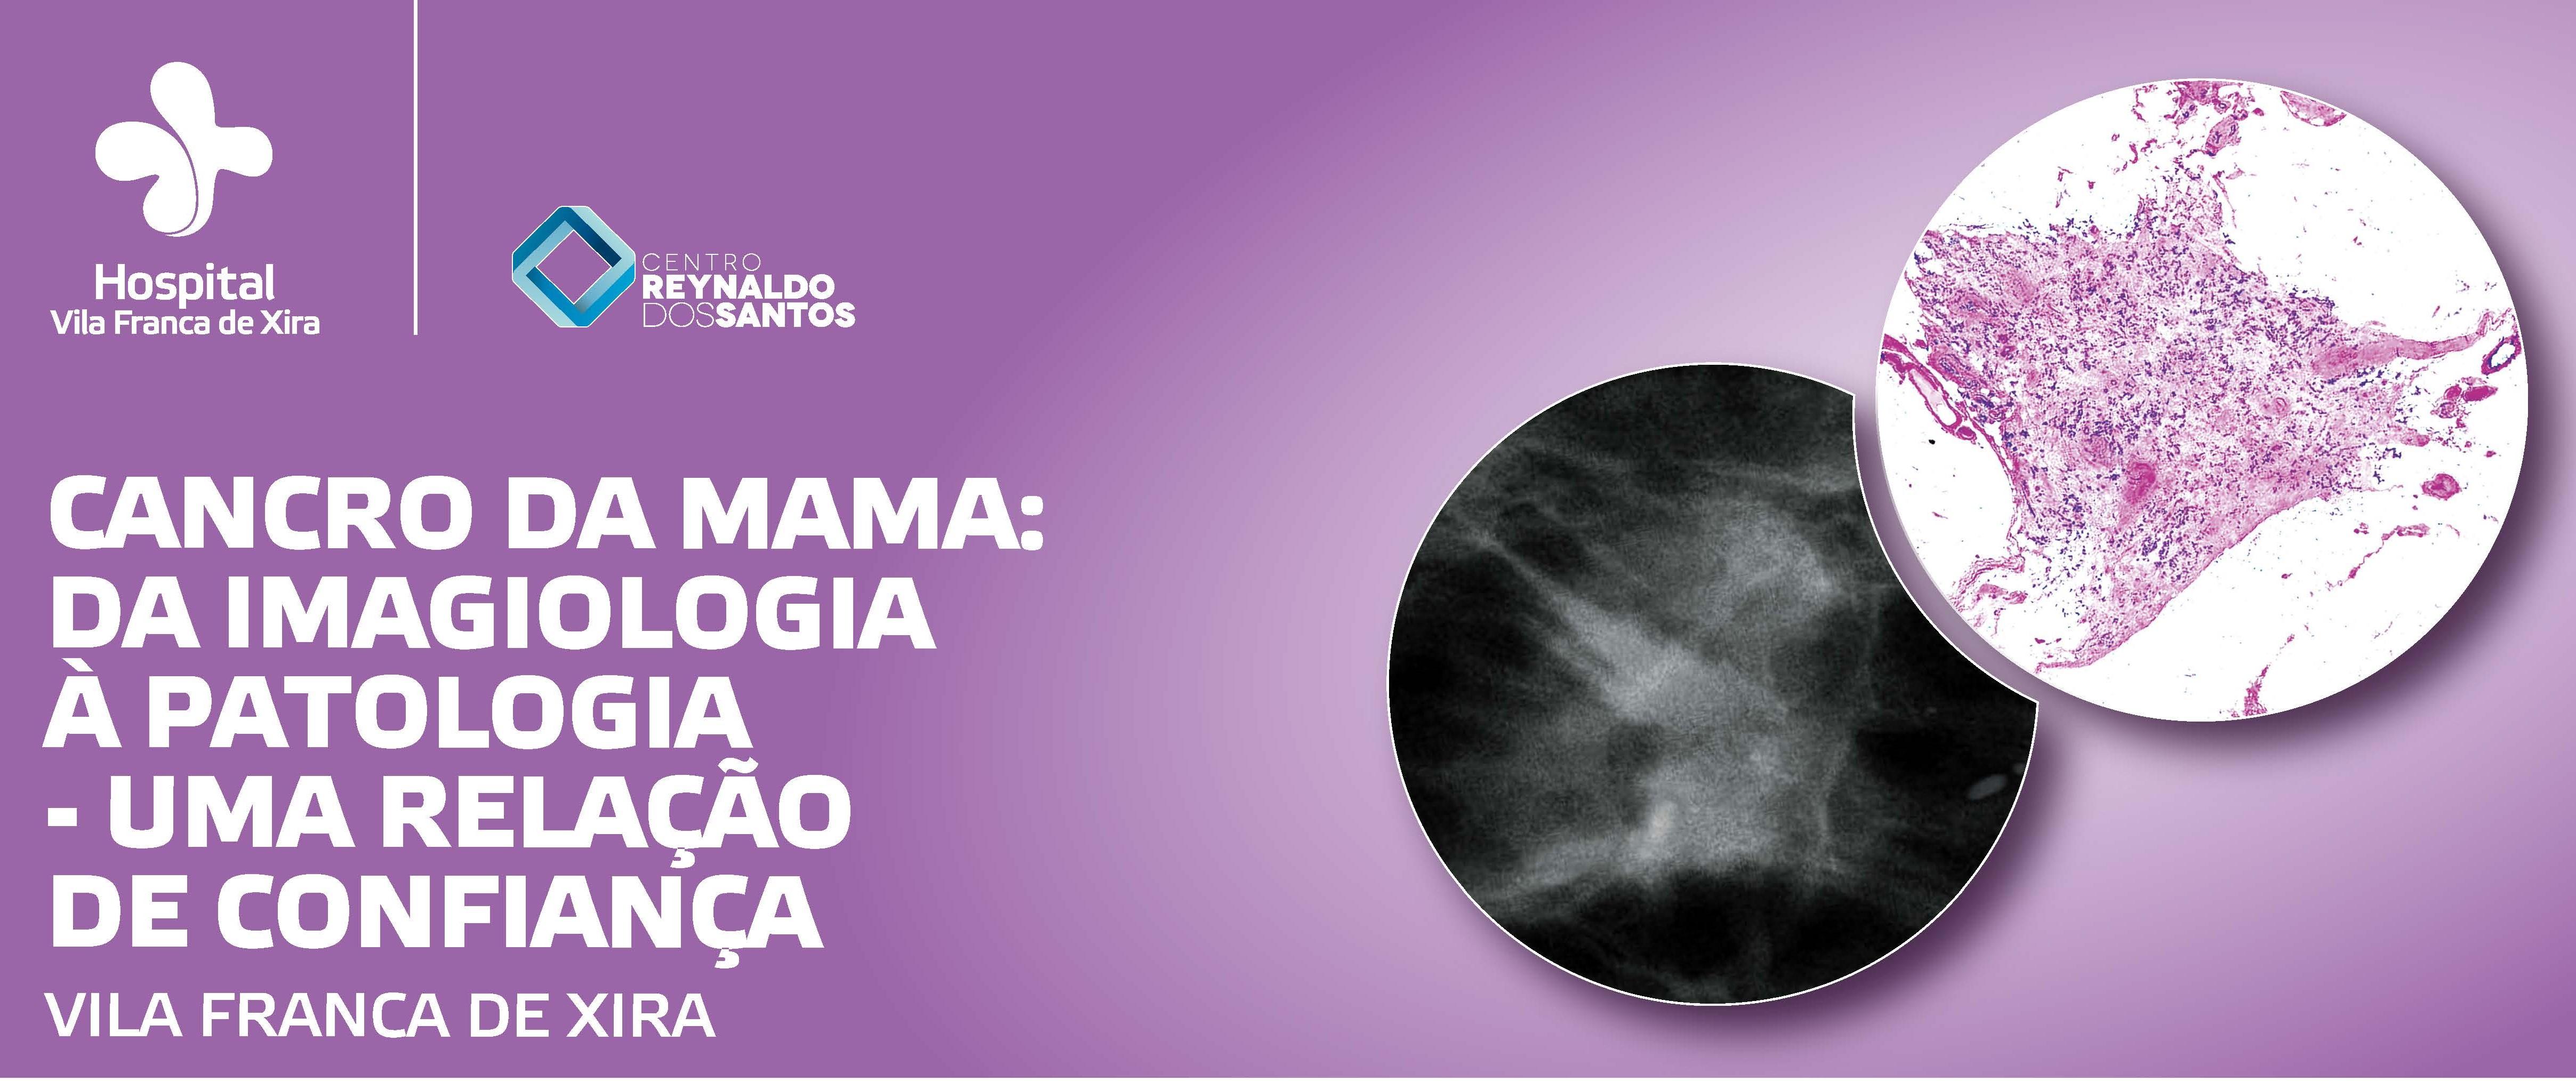 hospital-de-vila-franca-de-xira-Carcinoma da Mama: da imagiologia à anatomia patológica